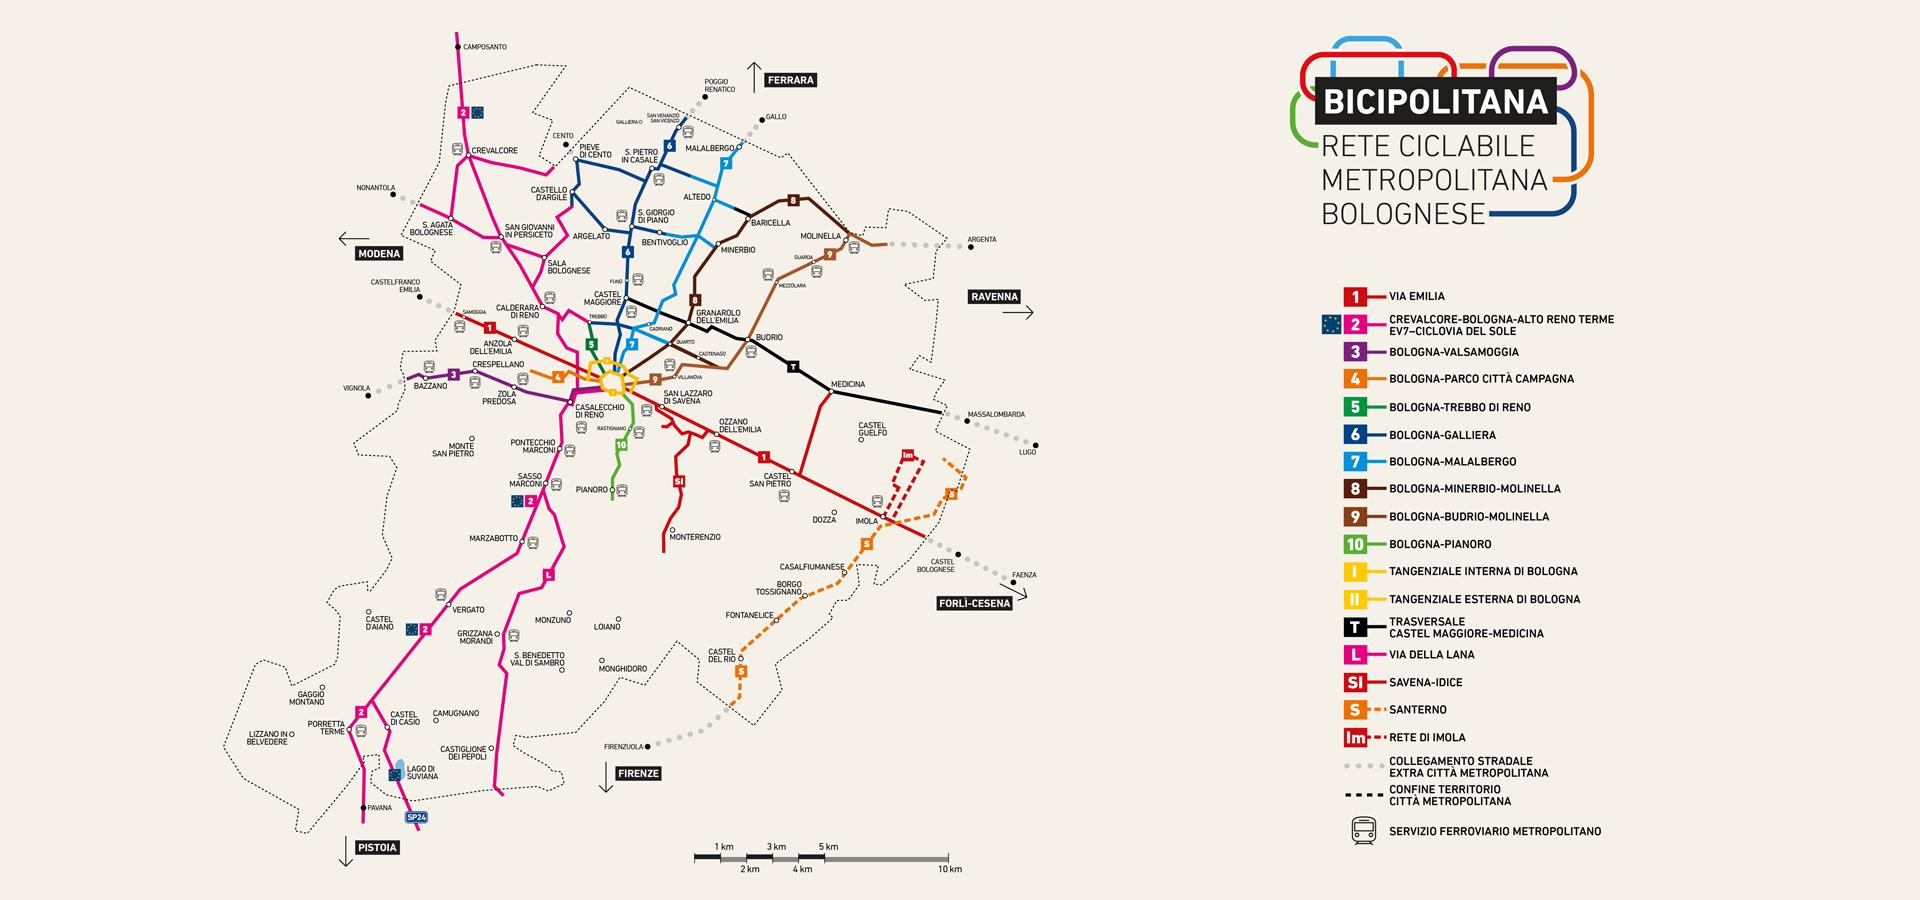 Mappa della rete ciclabile